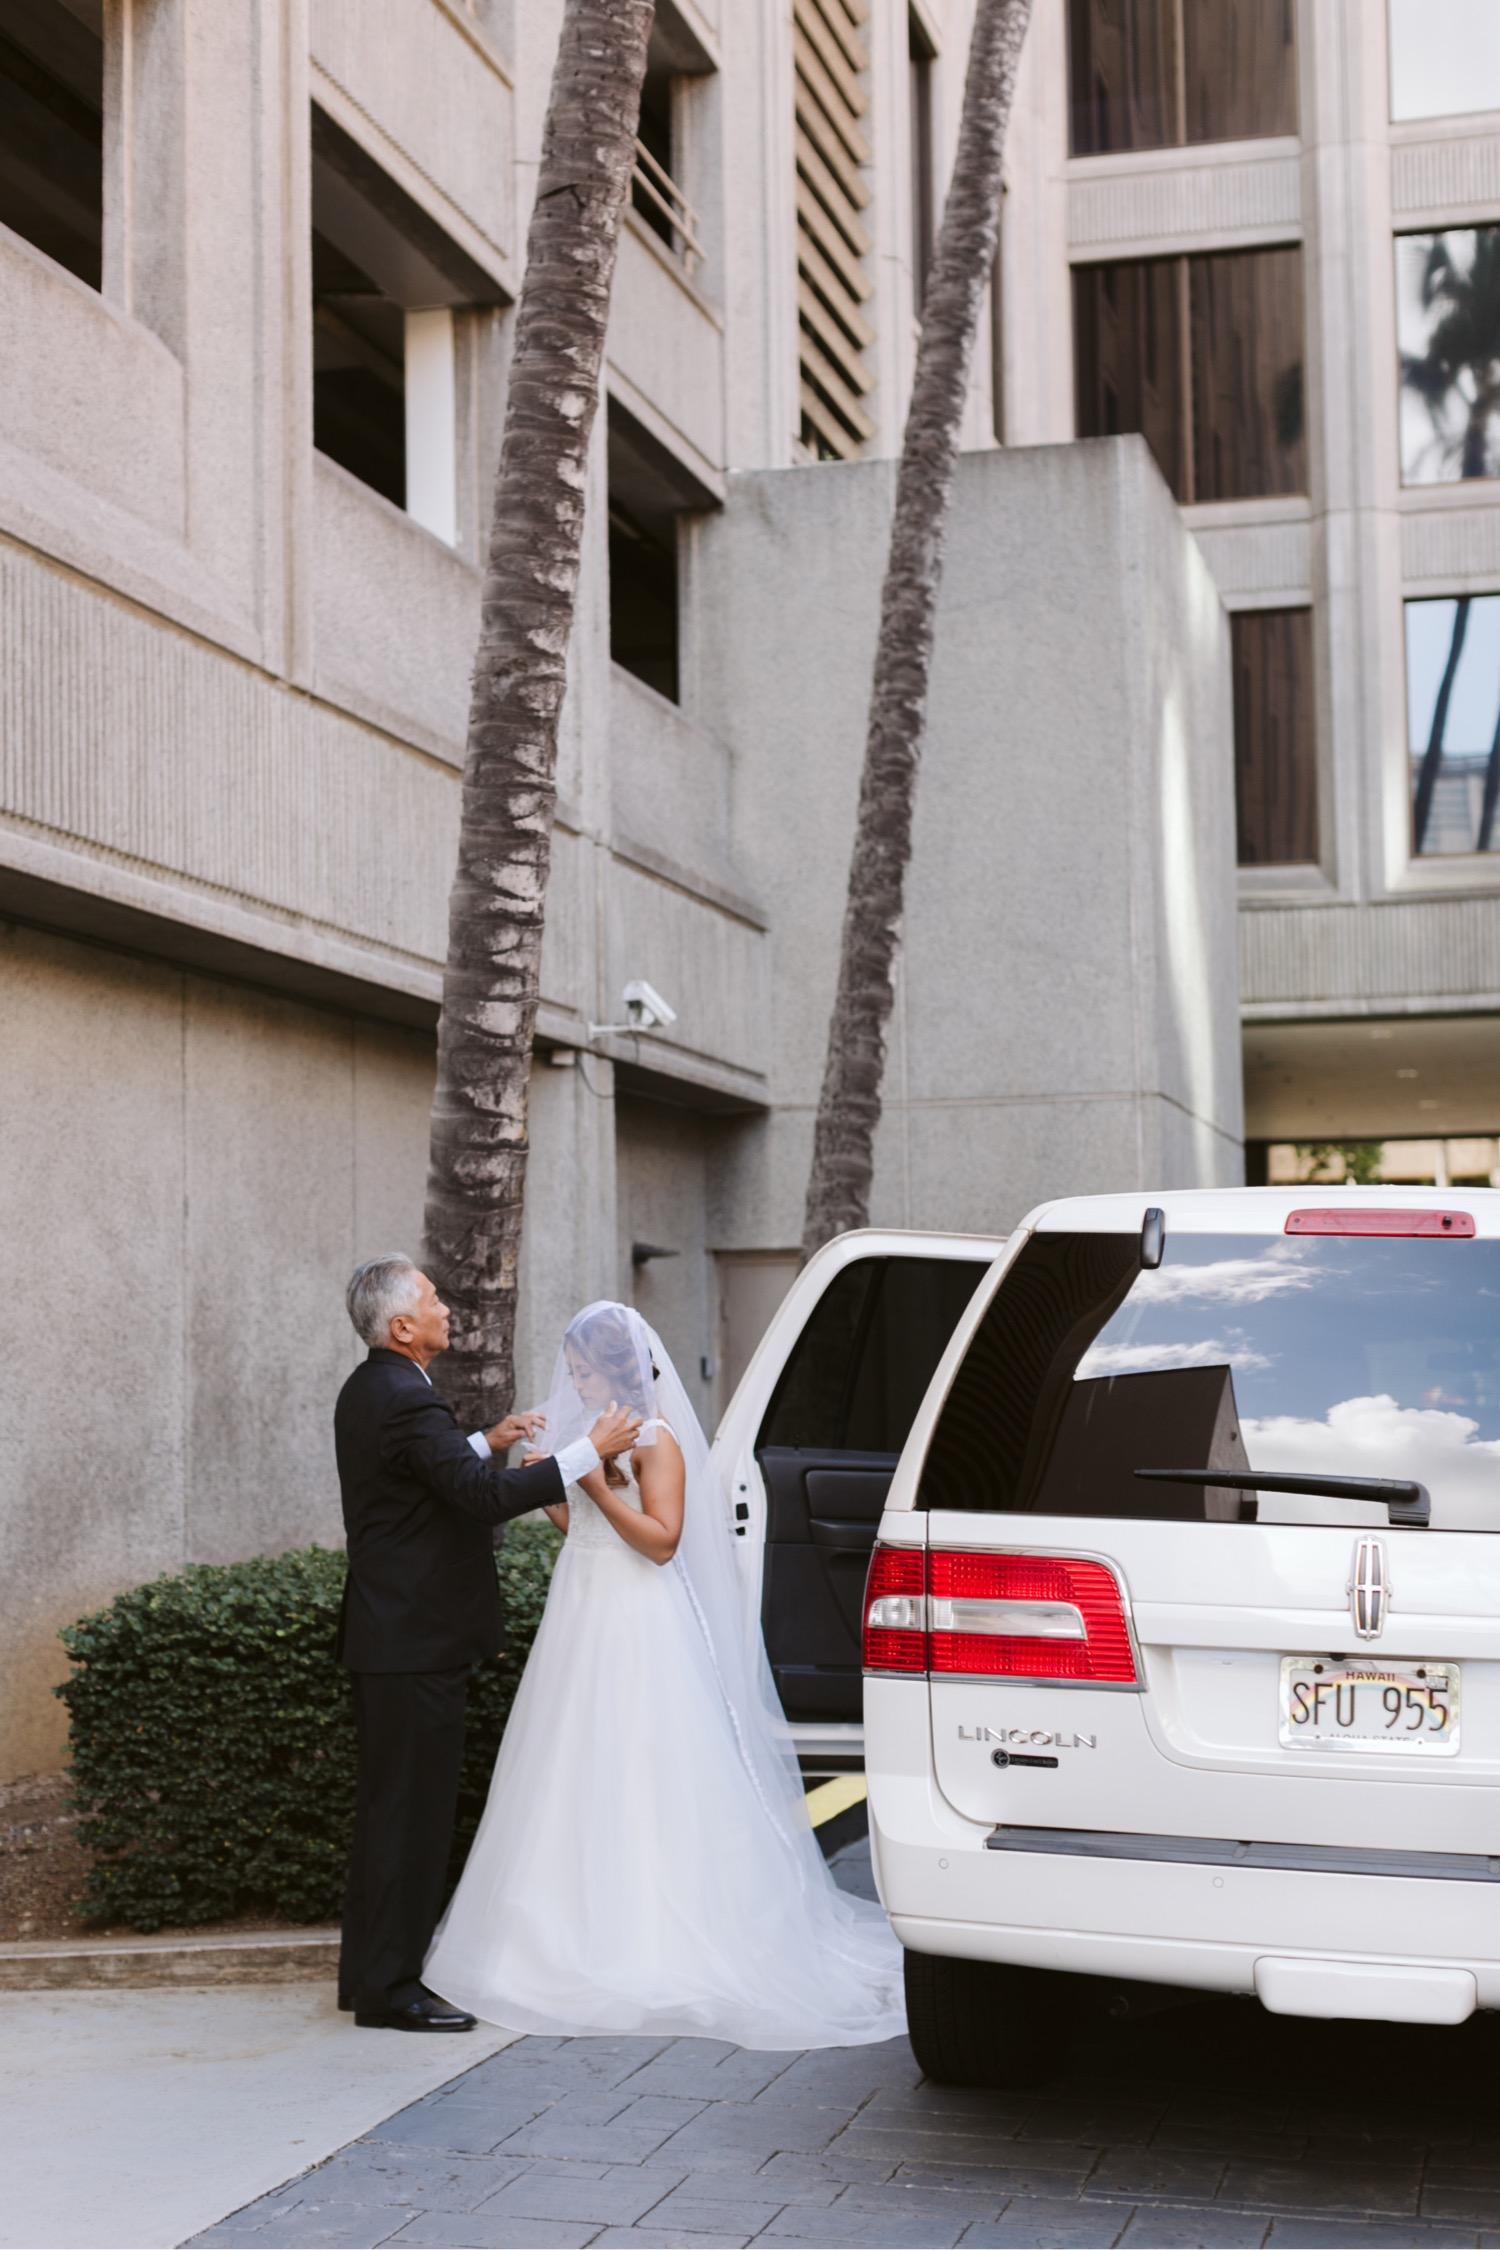 Julia_Hawaii_look_Honolulu_Wedding_Bride_Cafe_dad_first.jpg